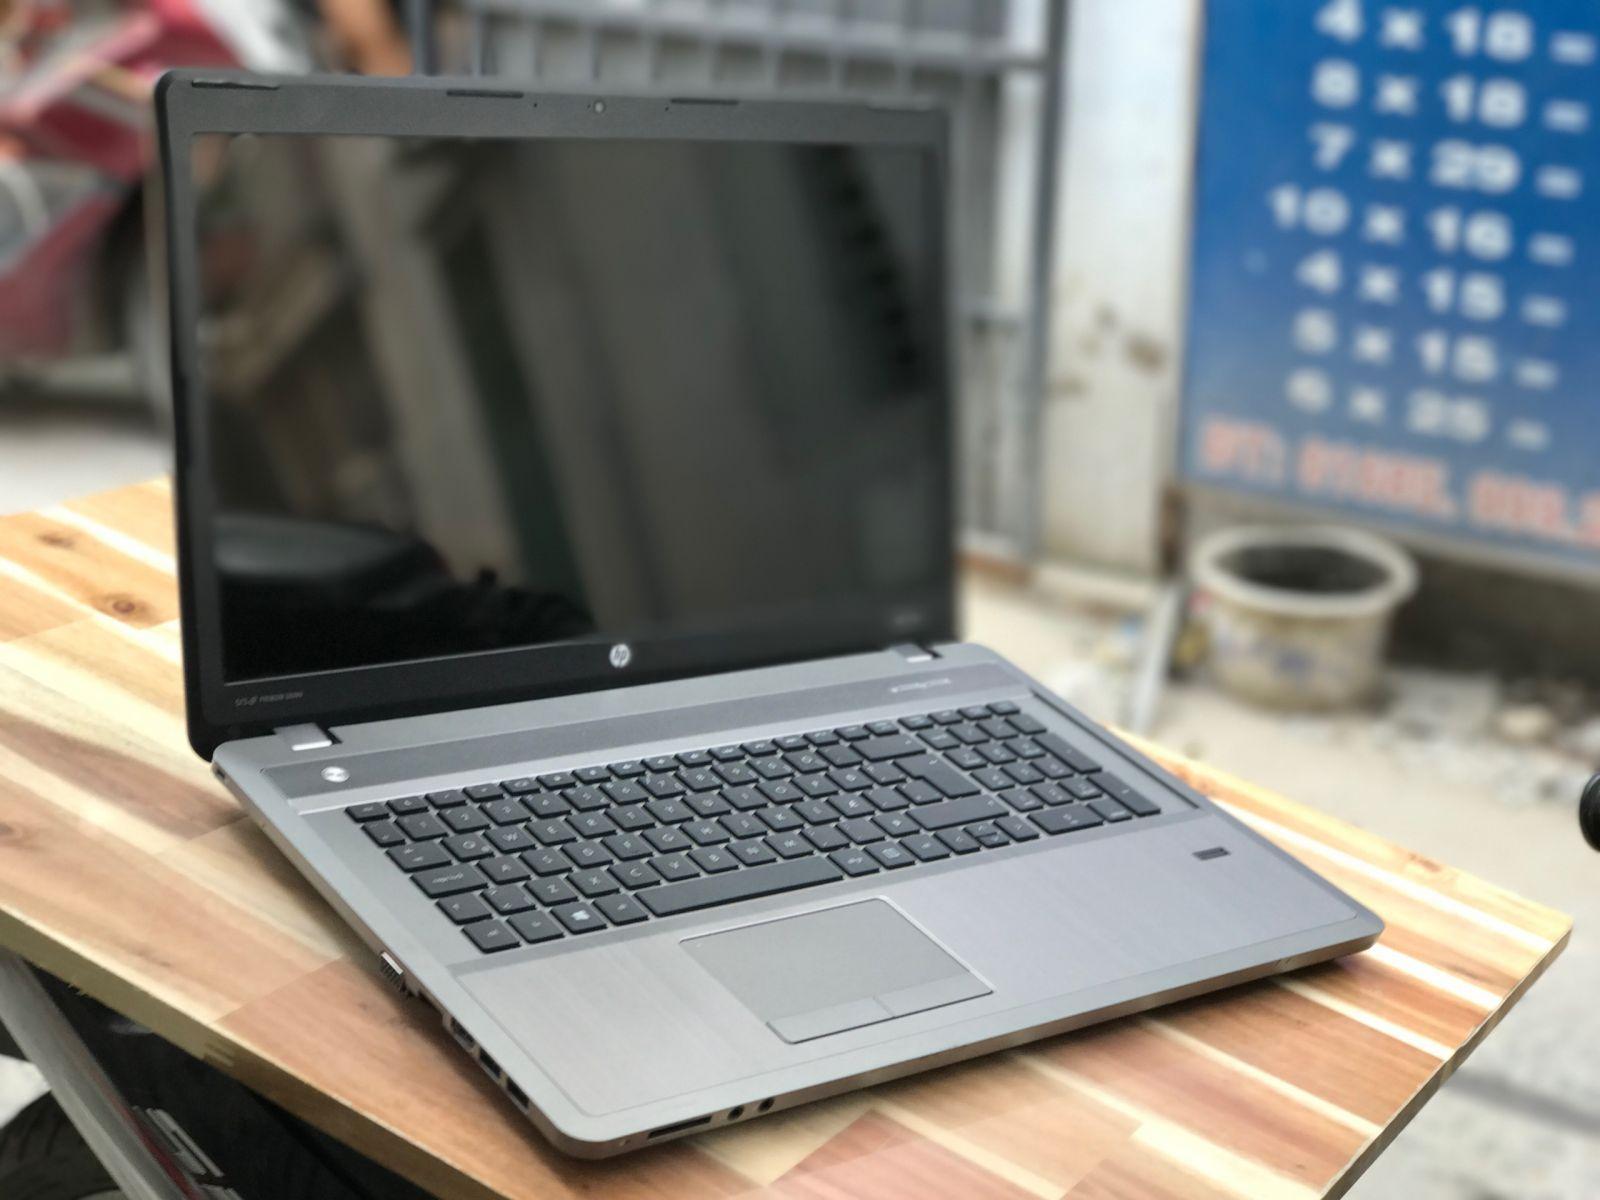 Hình ảnh Siêu Game Đồ Họa Màn 17.3in Cực Hiếm- HP probook 4740s ( i7 3520M/Ram 4G/HDD 250G/VGA AMD Radeon 7650M/ 17.3IN HD+ 1600*900)